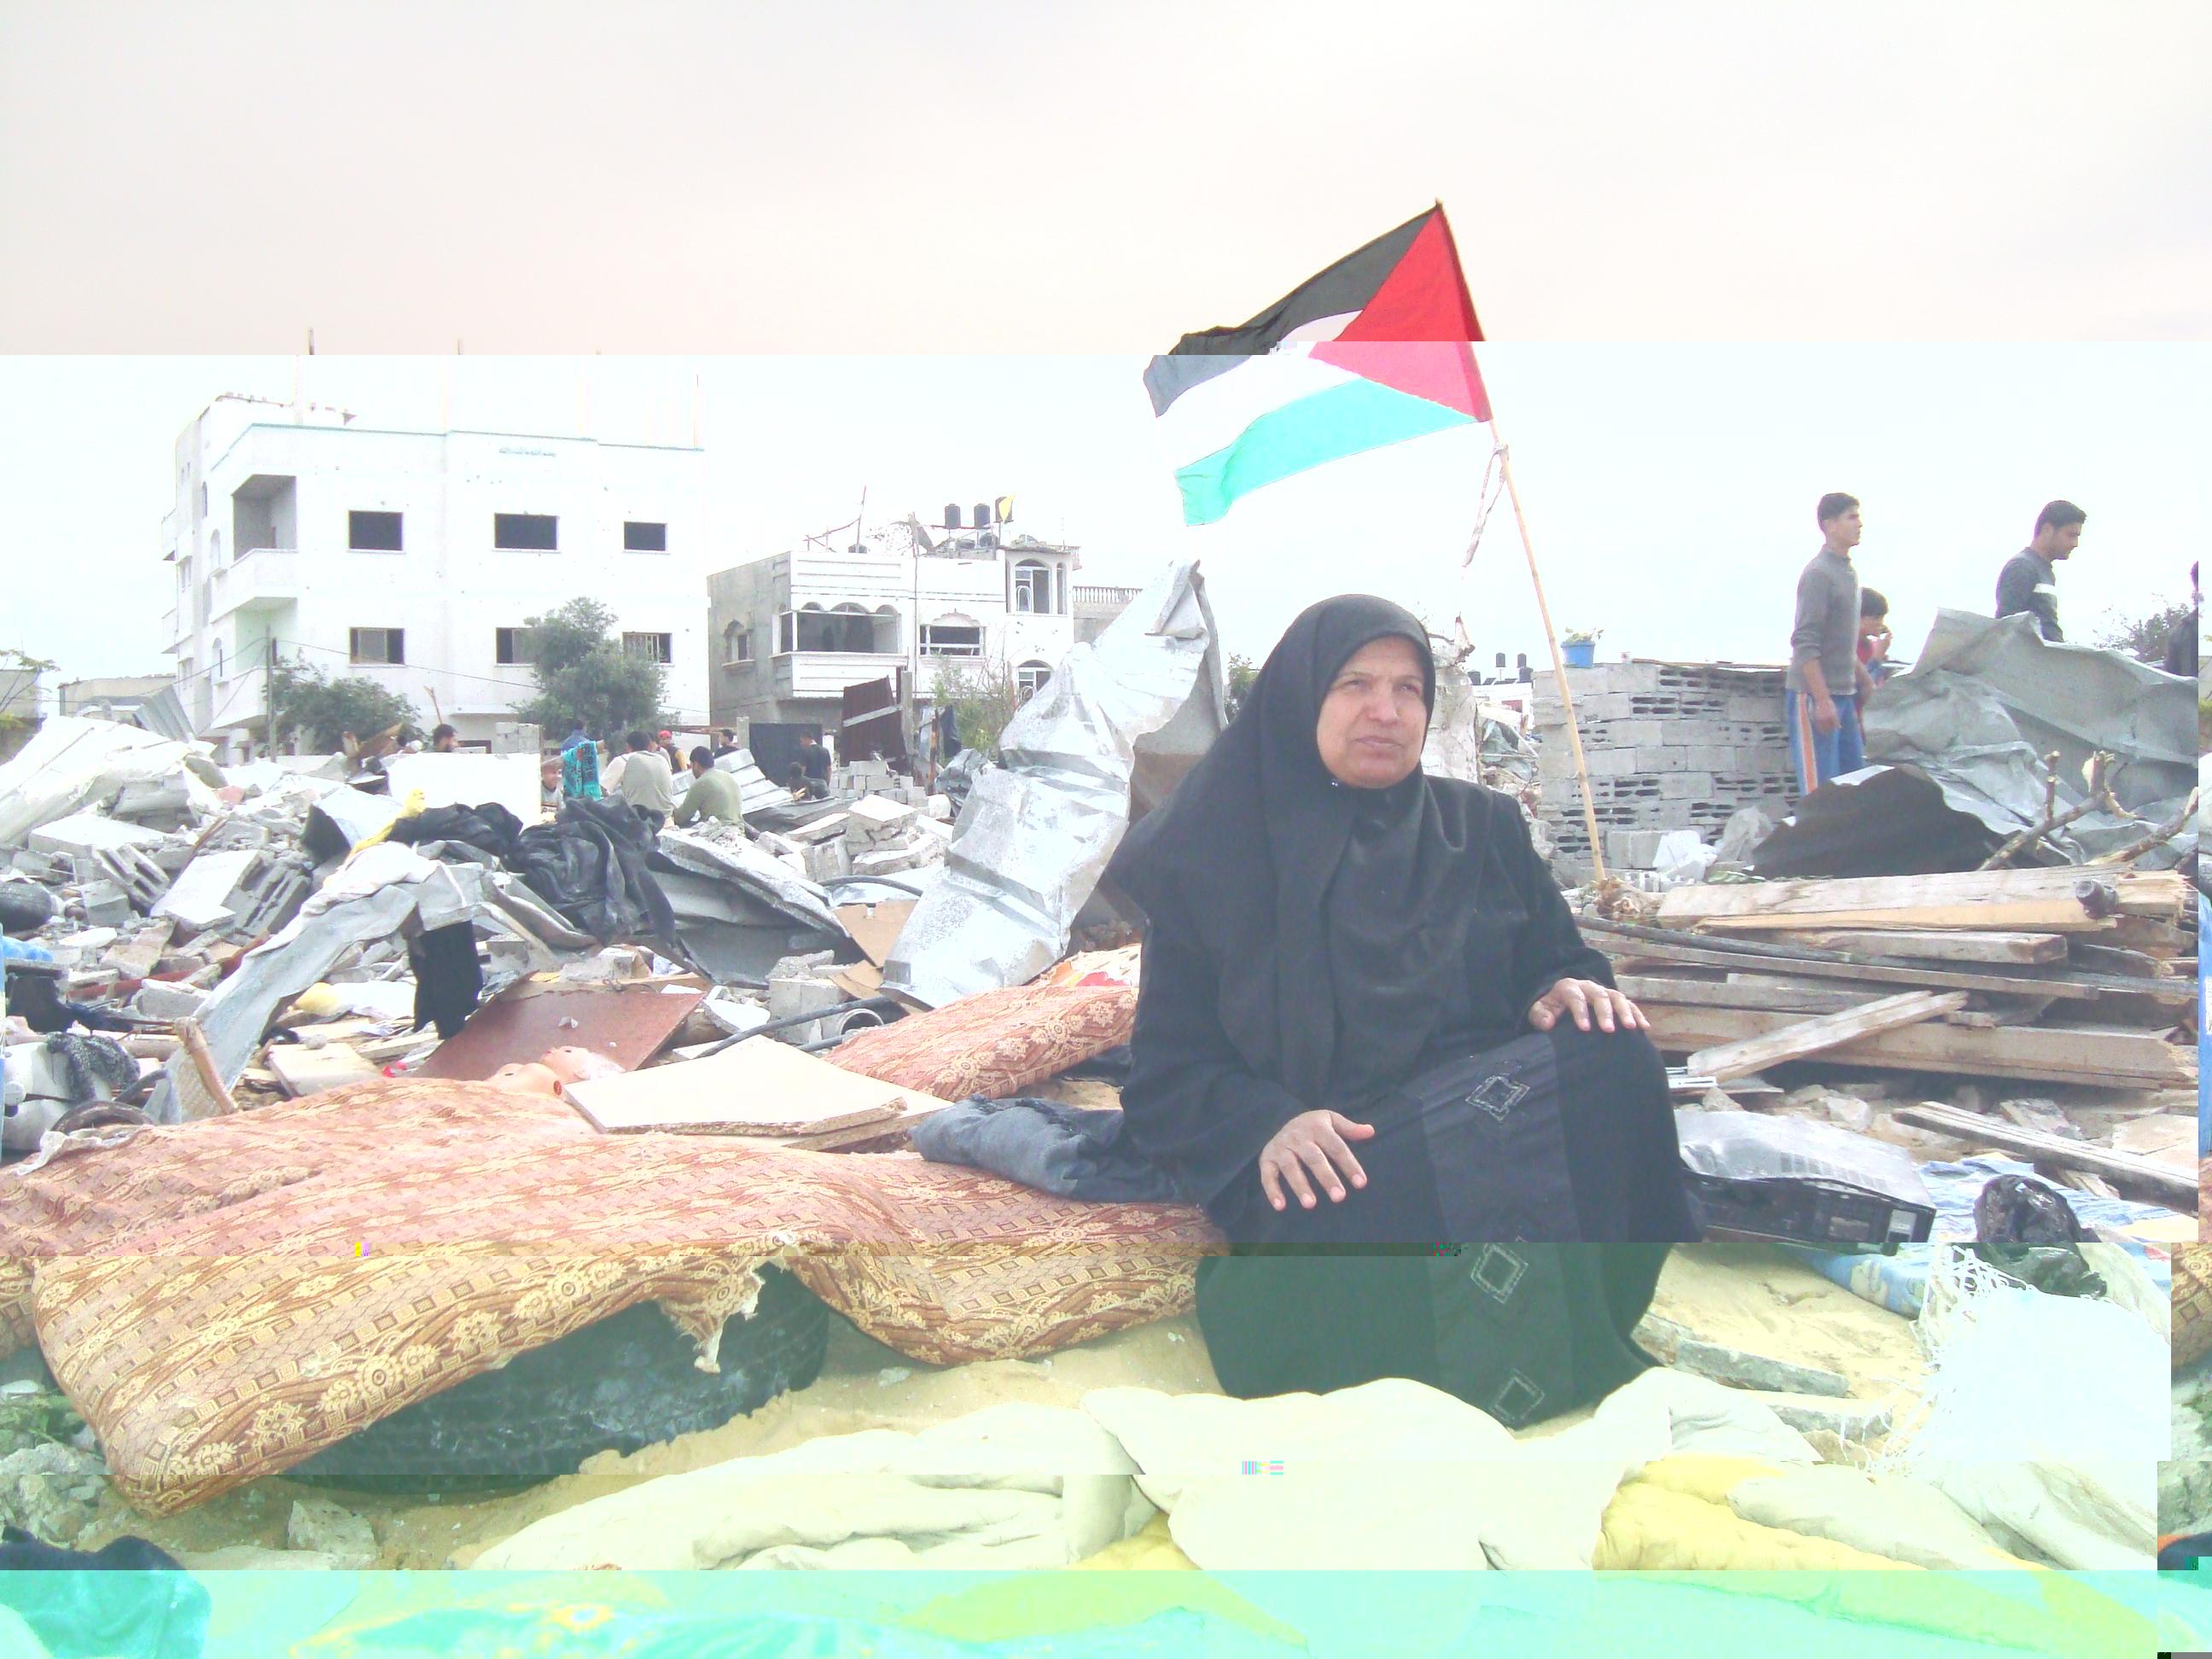 غزة تحتج على آلية الأمم المتحدة لإعادة الإعمار